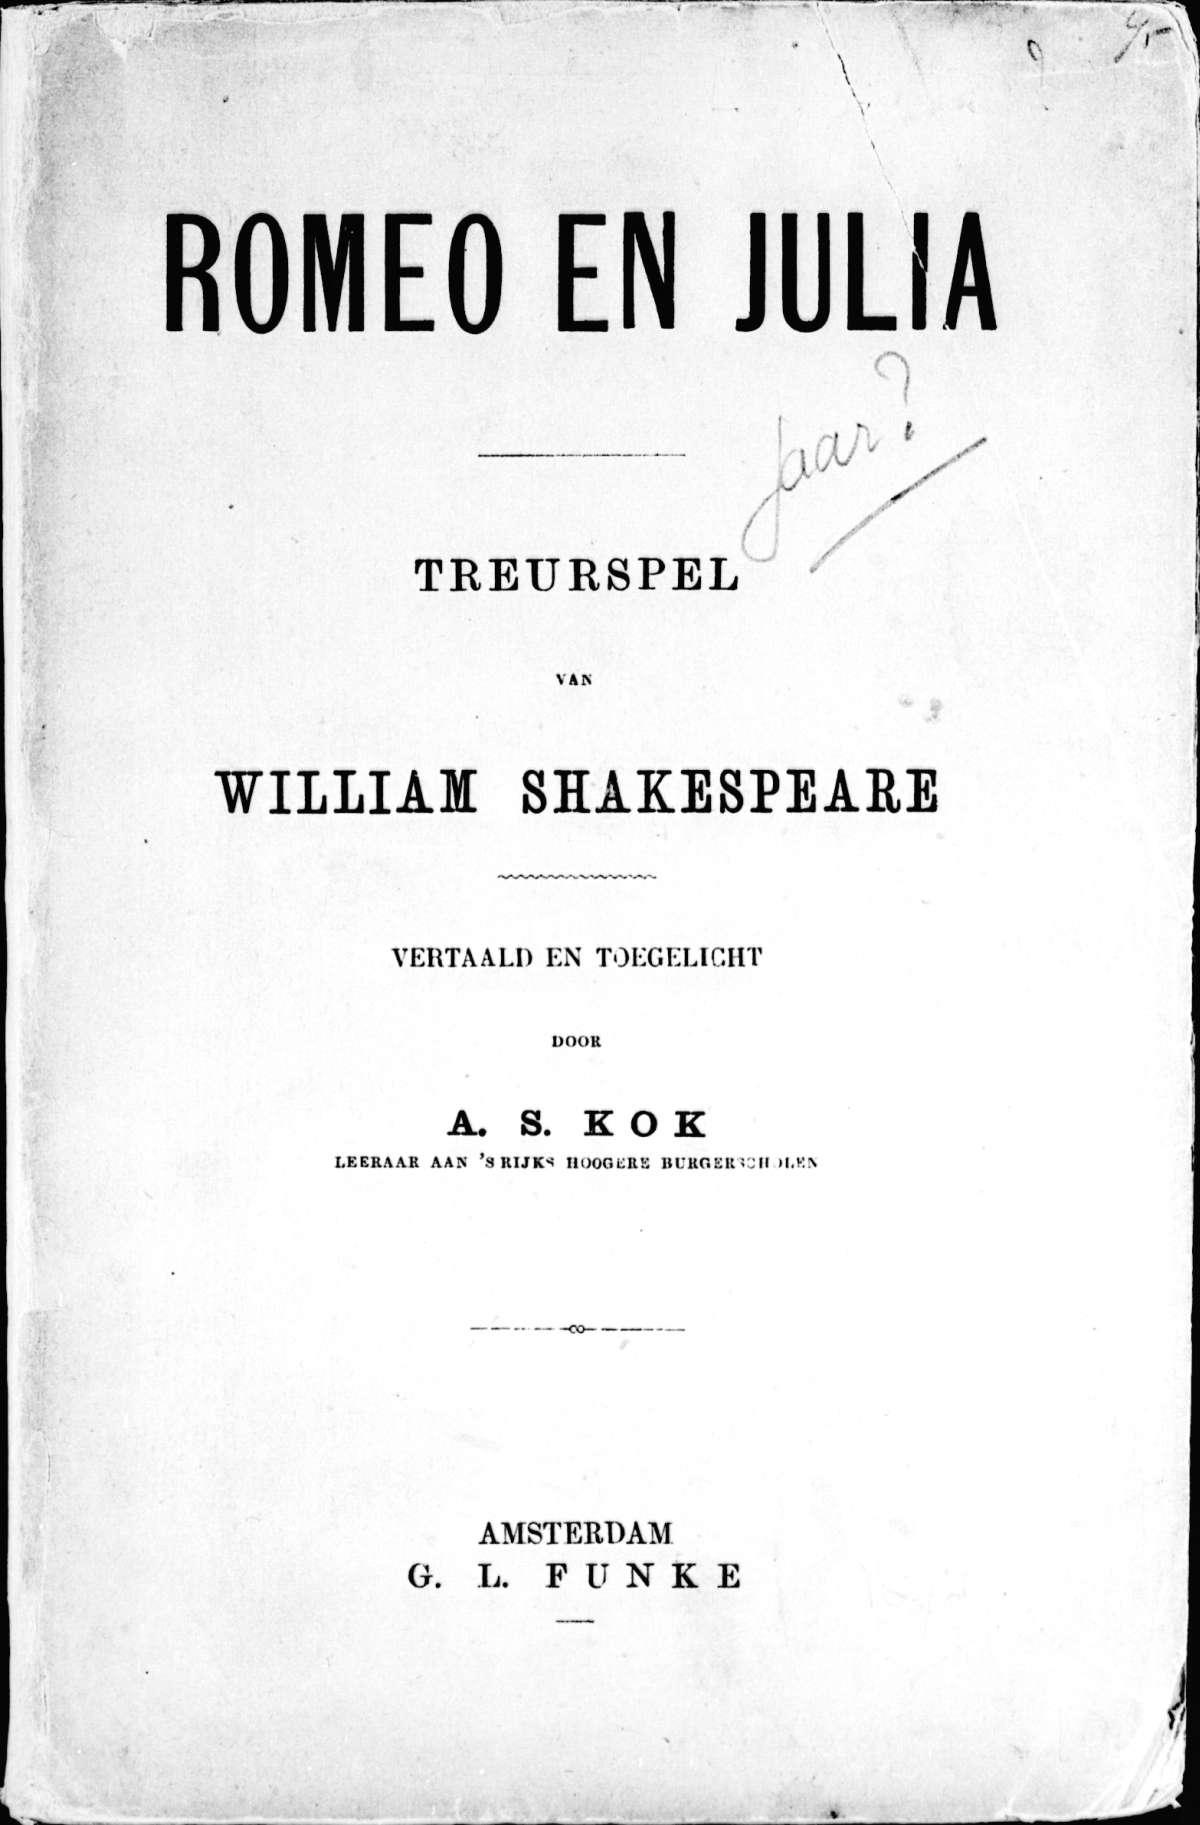 Citaten Uit Romeo En Julia : Romeo en julia treurspel het geheugen van nederland